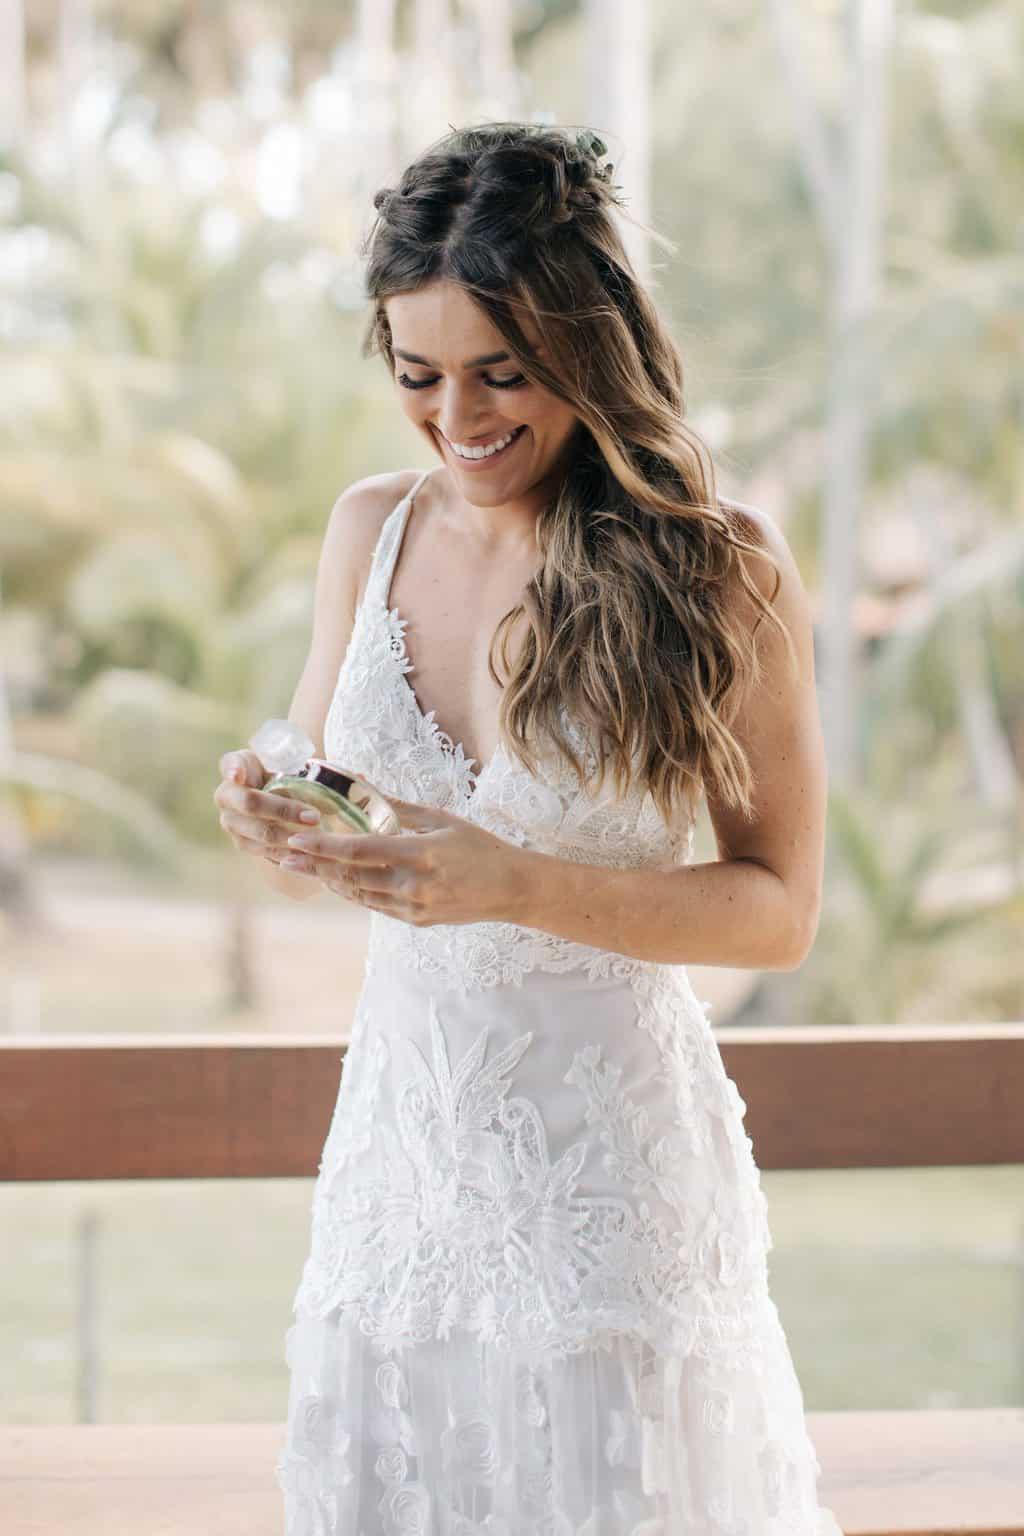 casamento-Danielle-e-Guilherme-aloha-fotografia-caseme-31